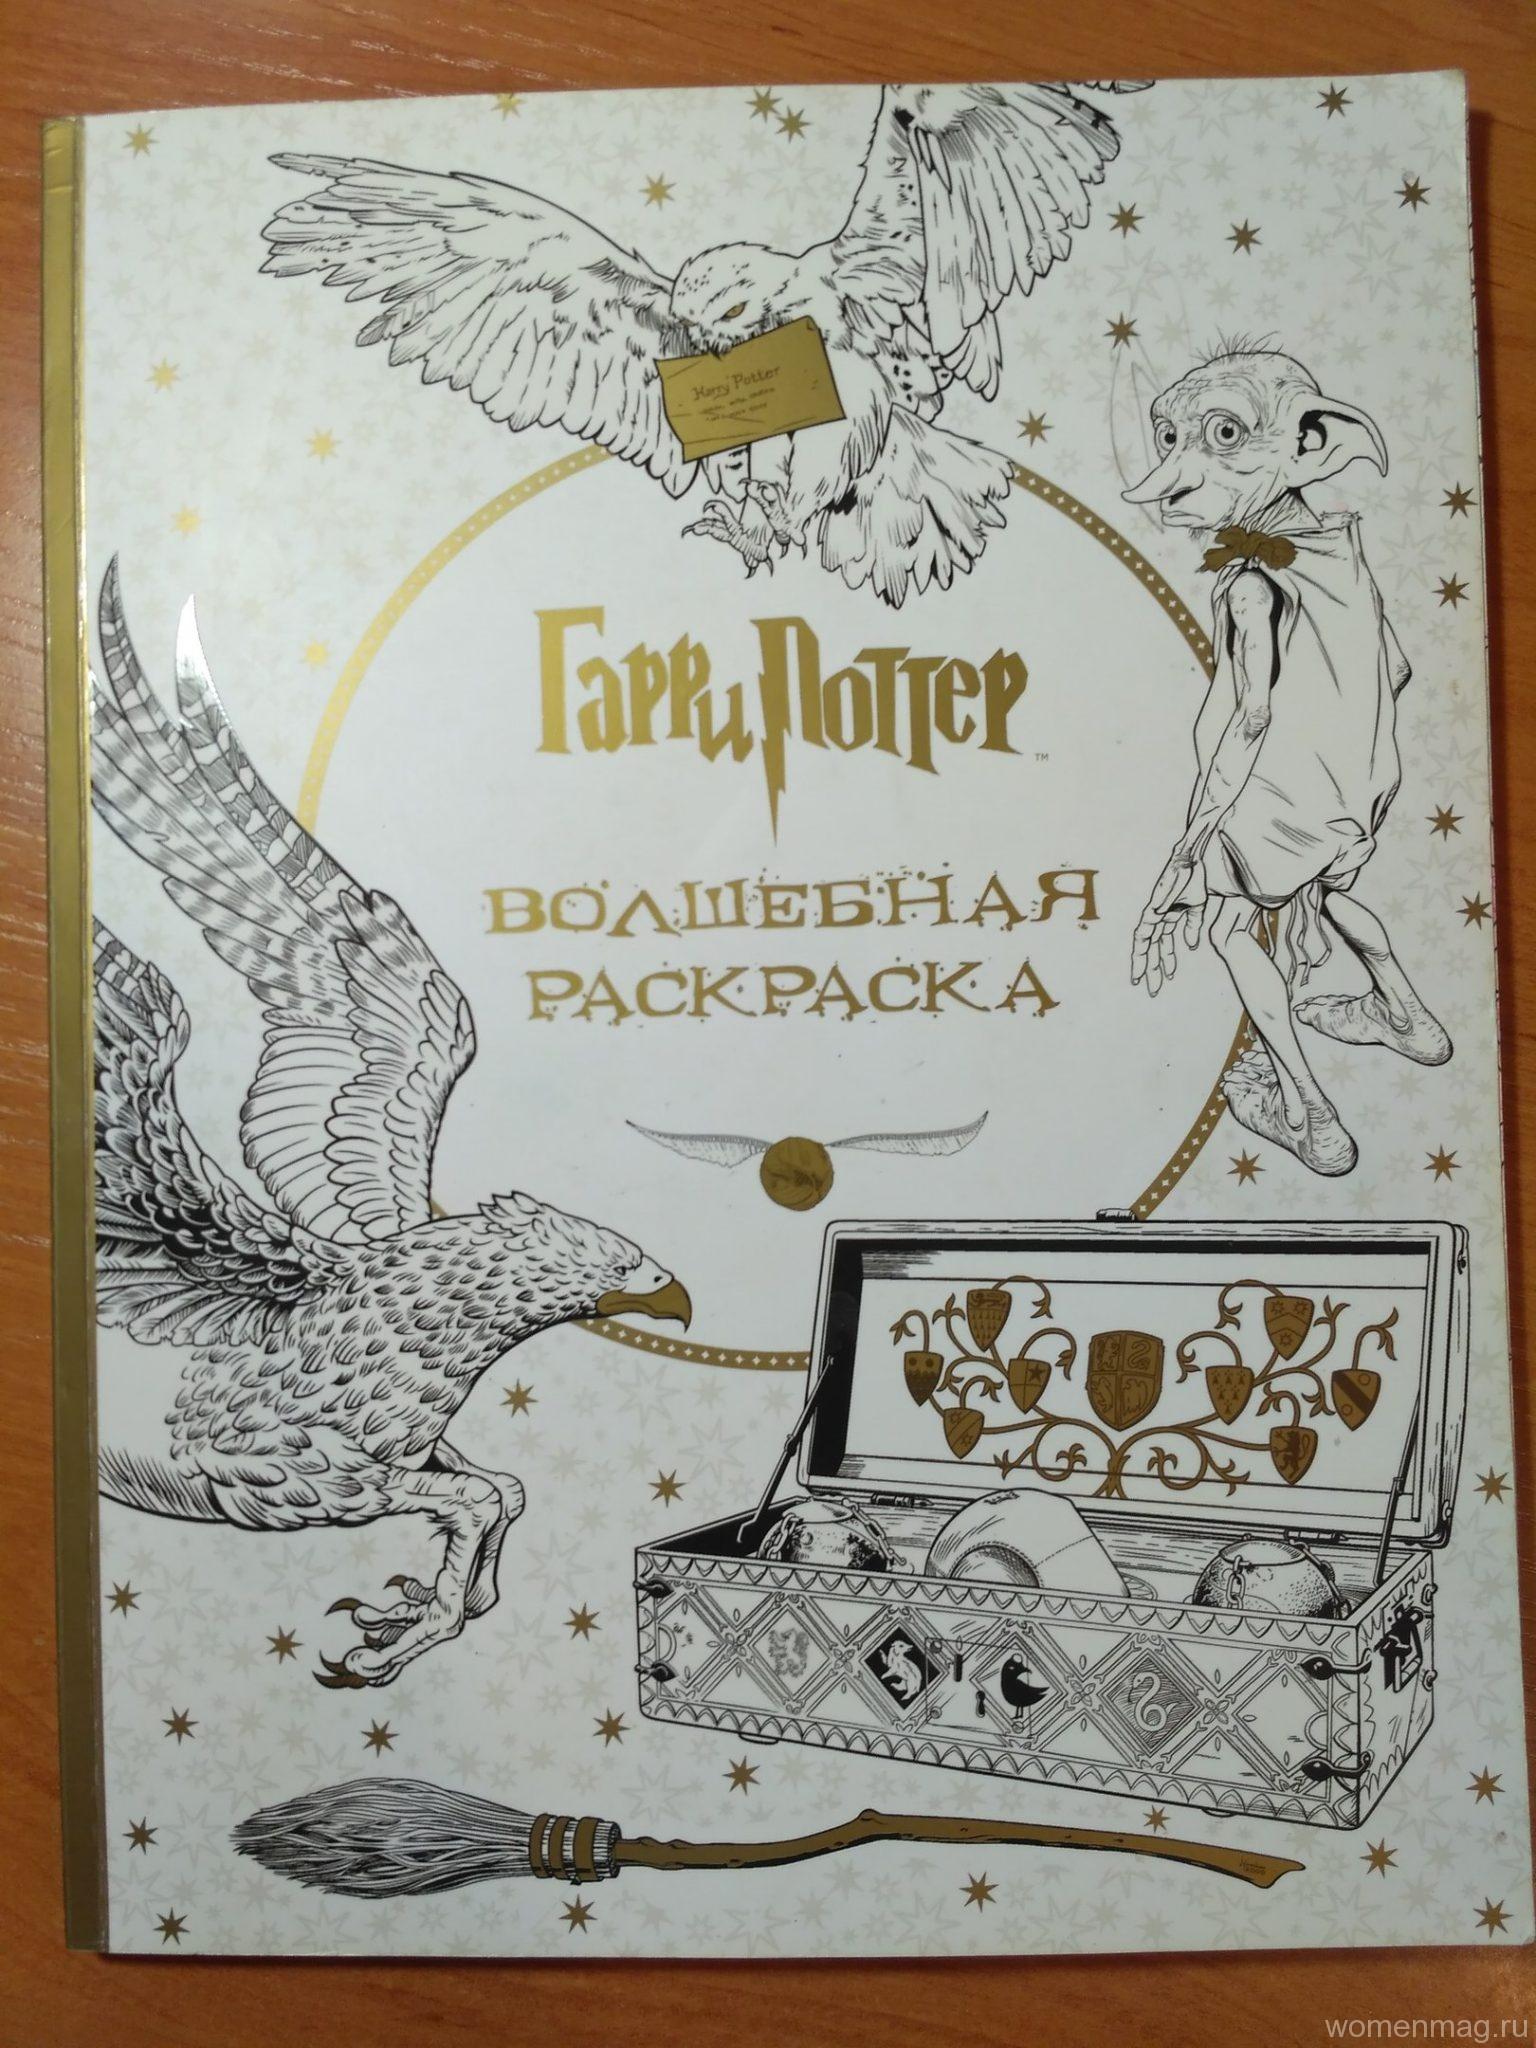 Волшебная раскраска «Гарри Поттер» изд. Эксмо. Отзыв